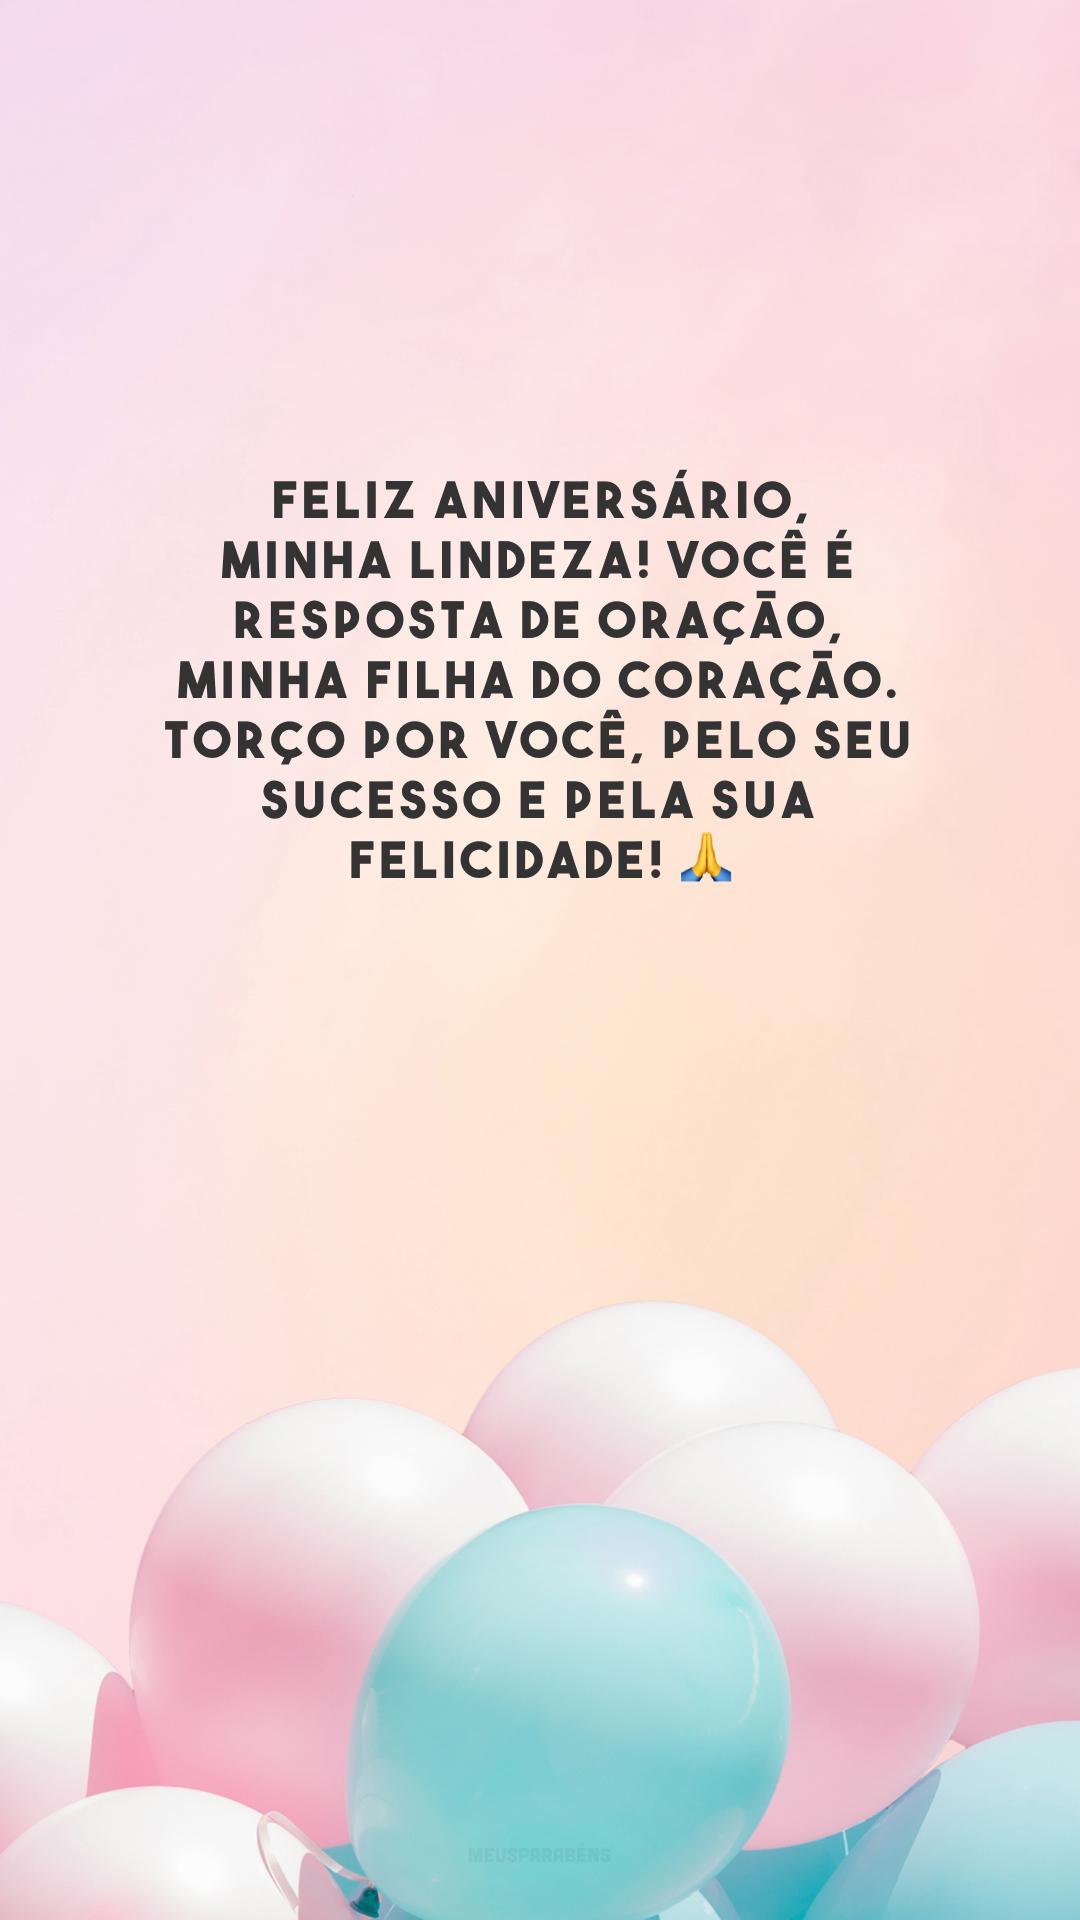 Feliz aniversário, minha lindeza! Você é resposta de oração, minha filha do coração. Torço por você, pelo seu sucesso e pela sua felicidade!